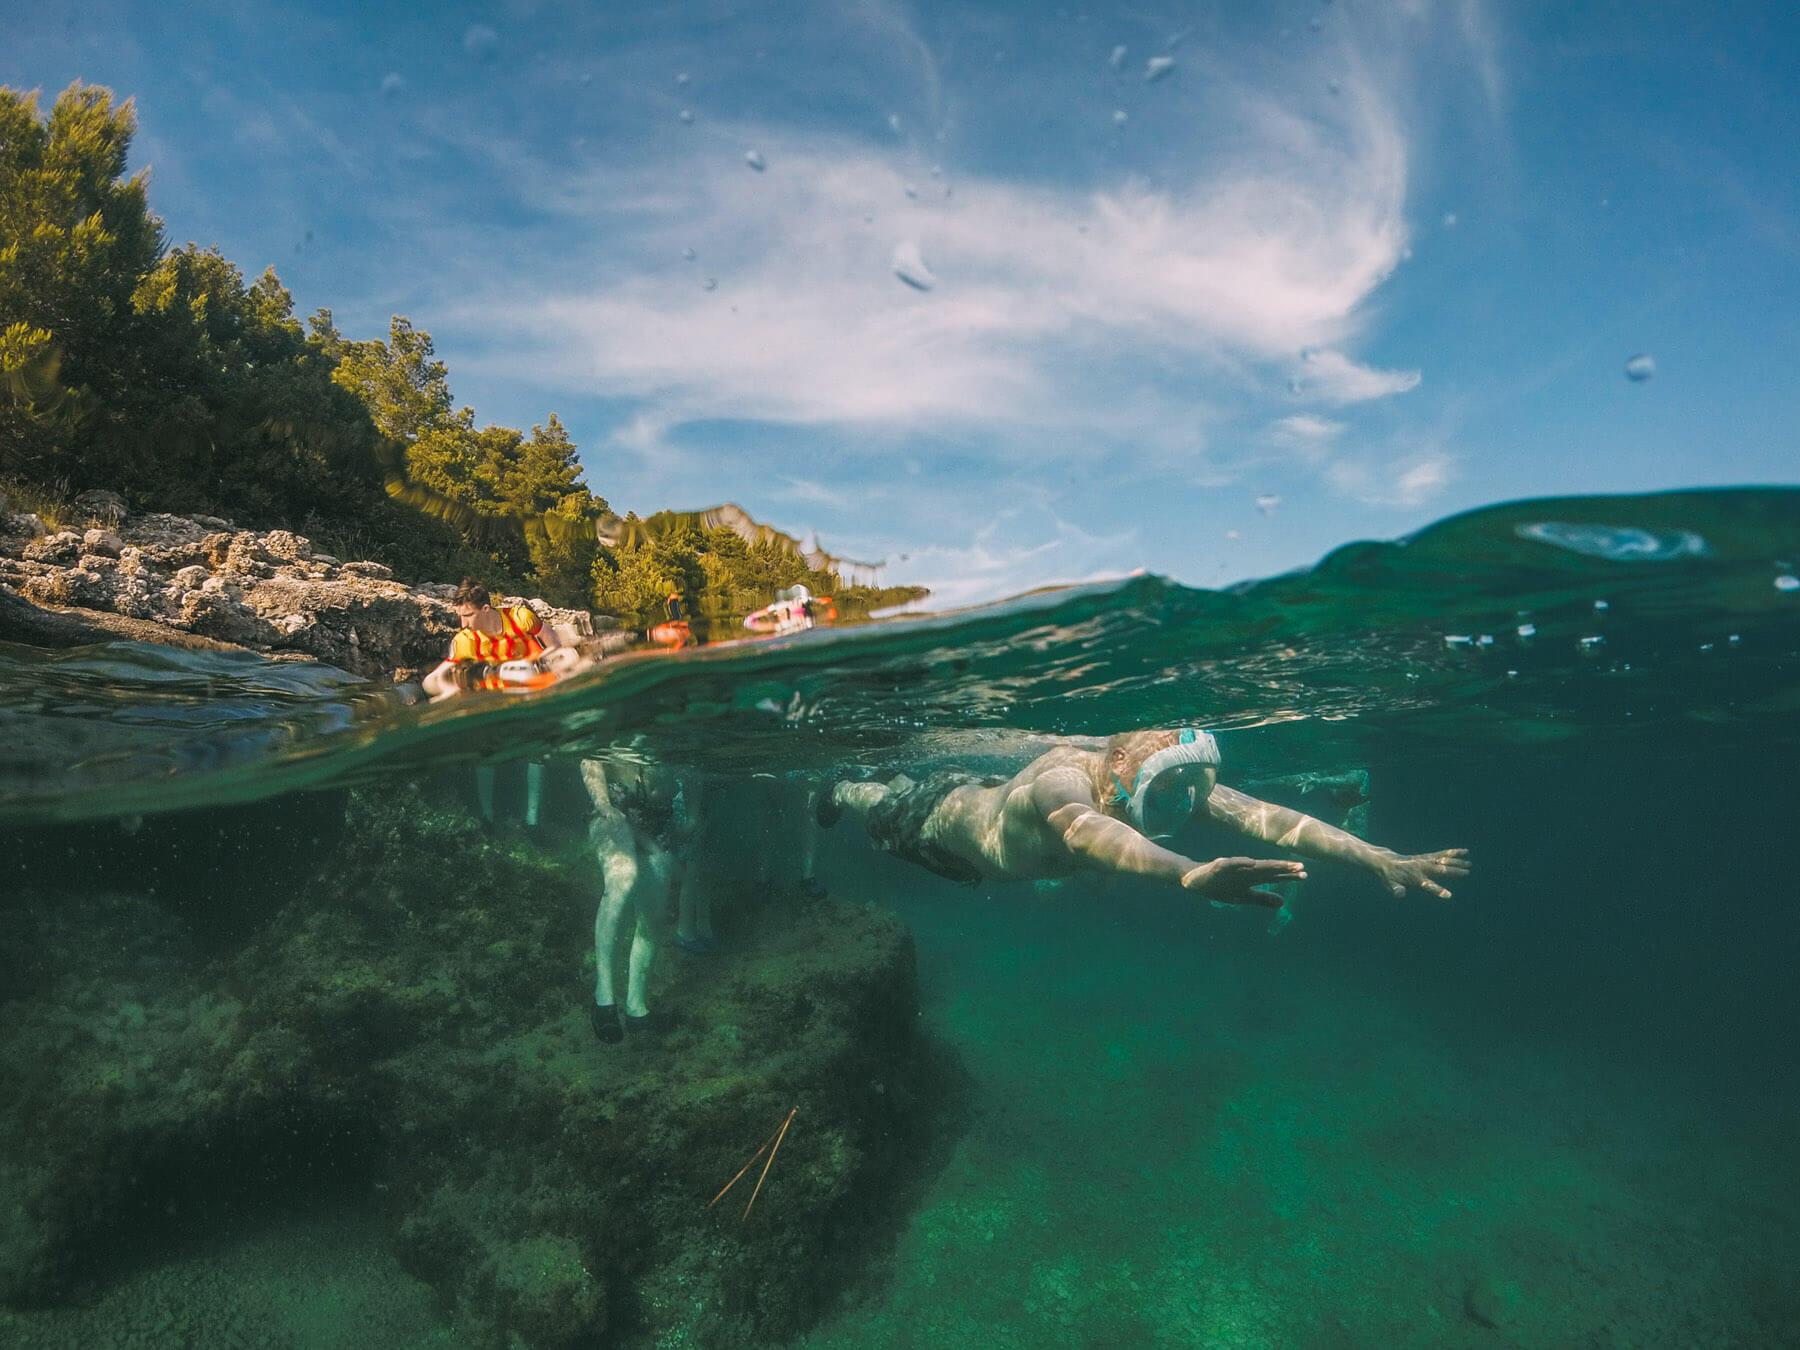 sunset-kayaking-tour-snorkeling-session